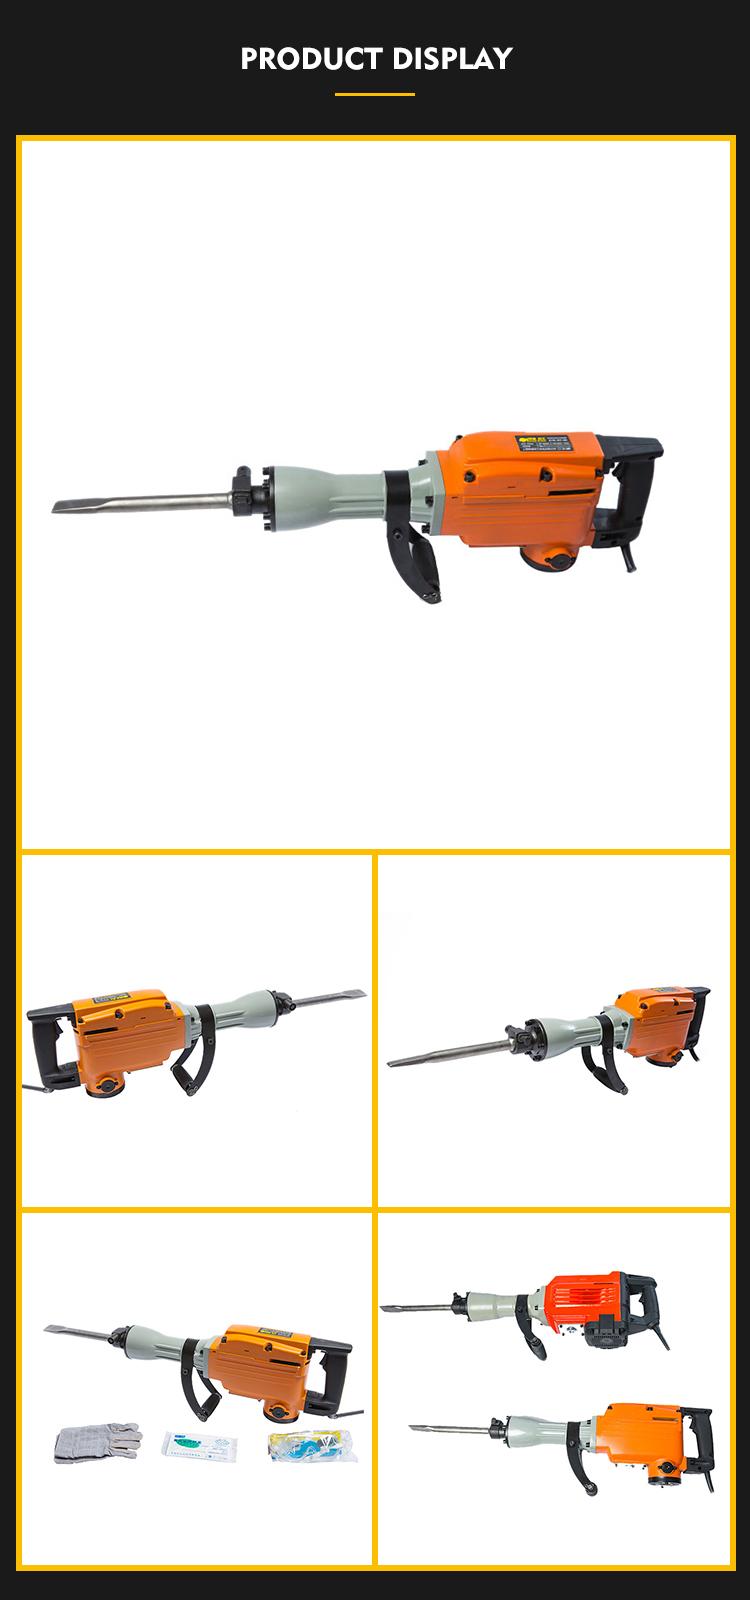 عالية الجودة أدوات كهربائية ملموسة 1500 واط جاك الكهربائية الثقيلة قواطع مطرقة هدم